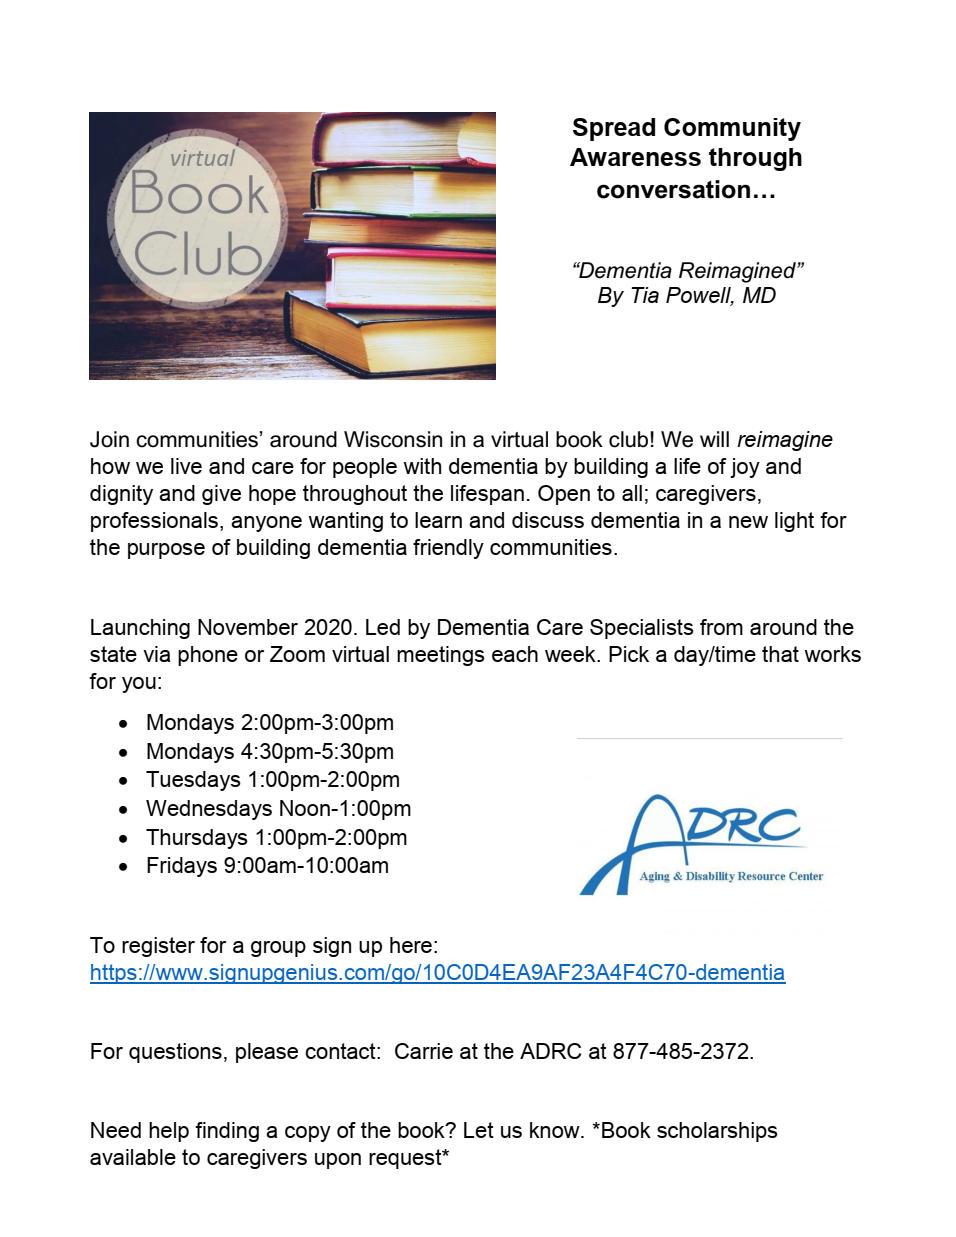 Dementia Reimagined Book Club